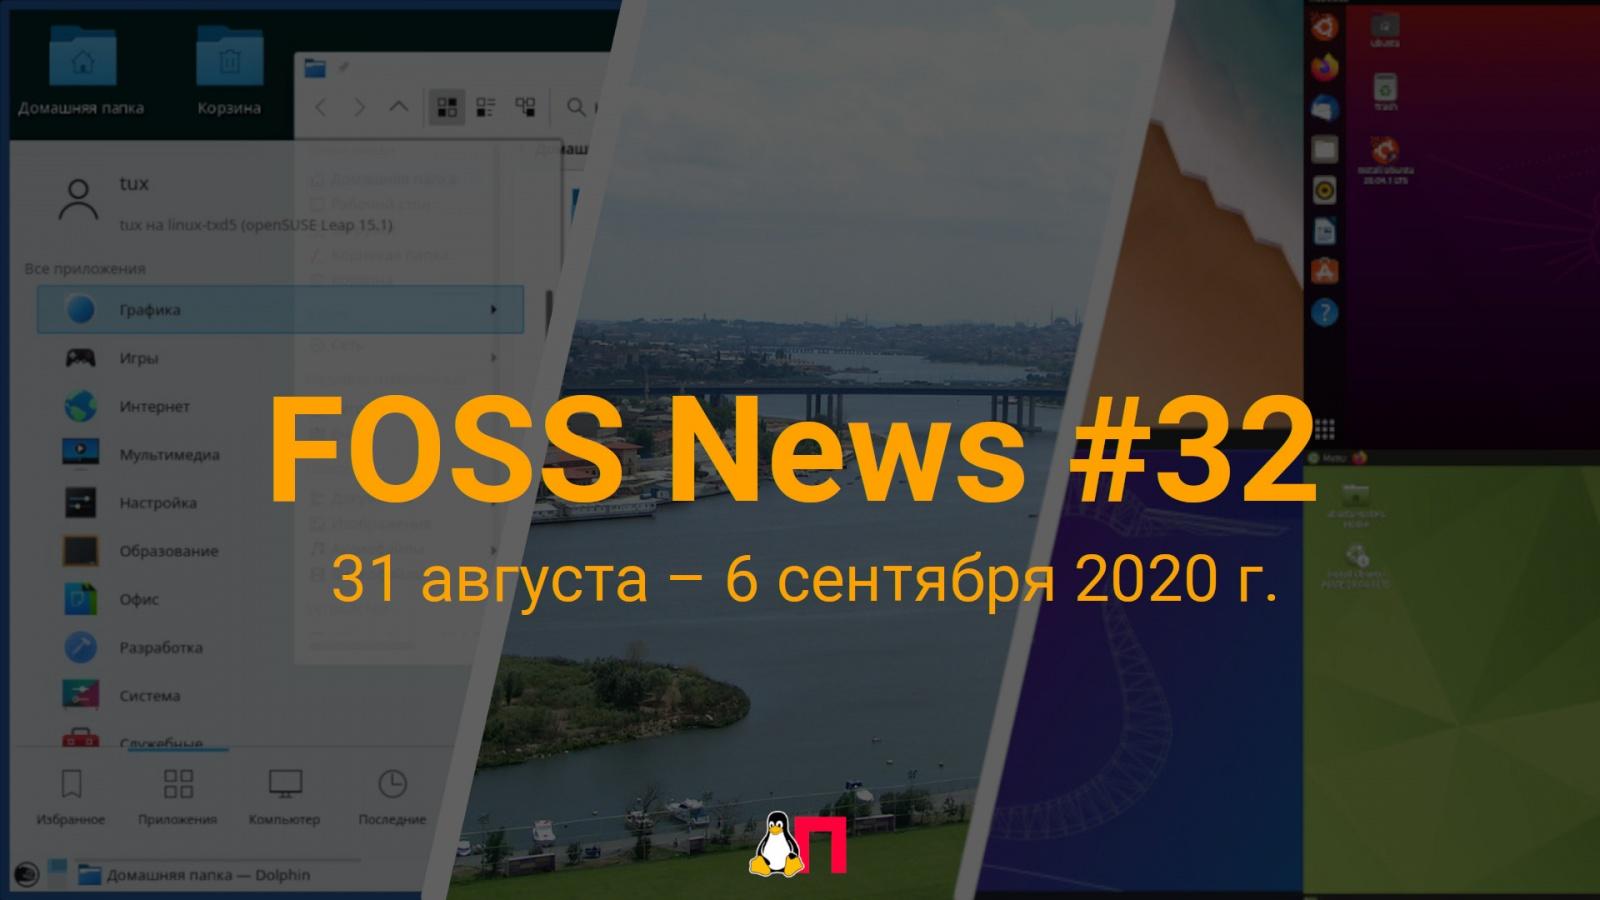 FOSS News №32 – дайджест новостей свободного и открытого ПО за 31 августа — 6 сентября 2020 года - 1